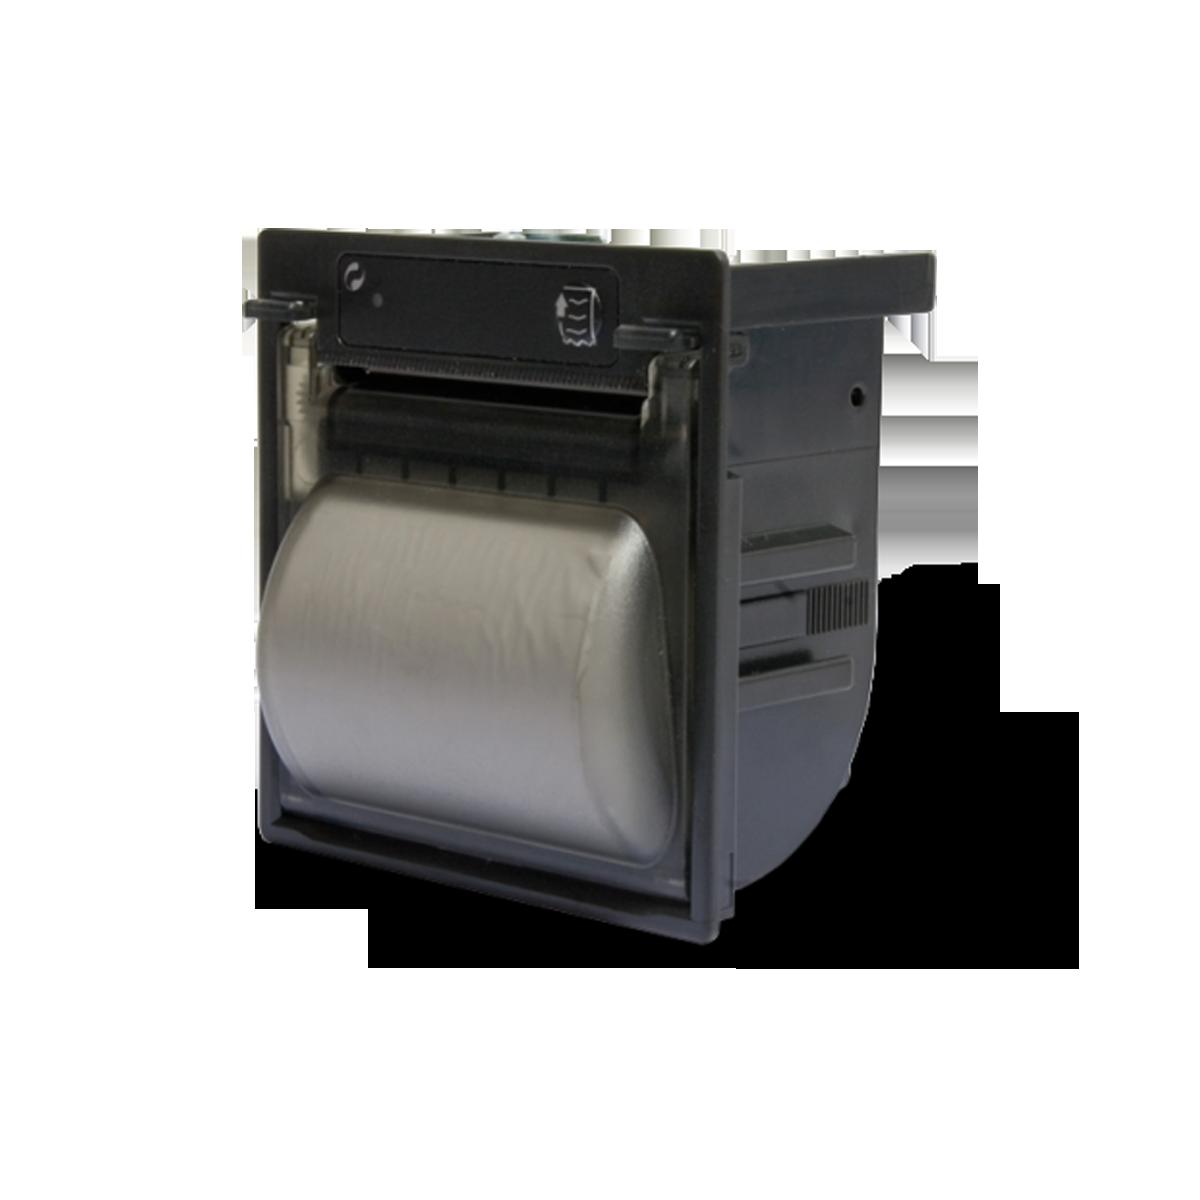 Impressora de Painel p/Central SmatLoop